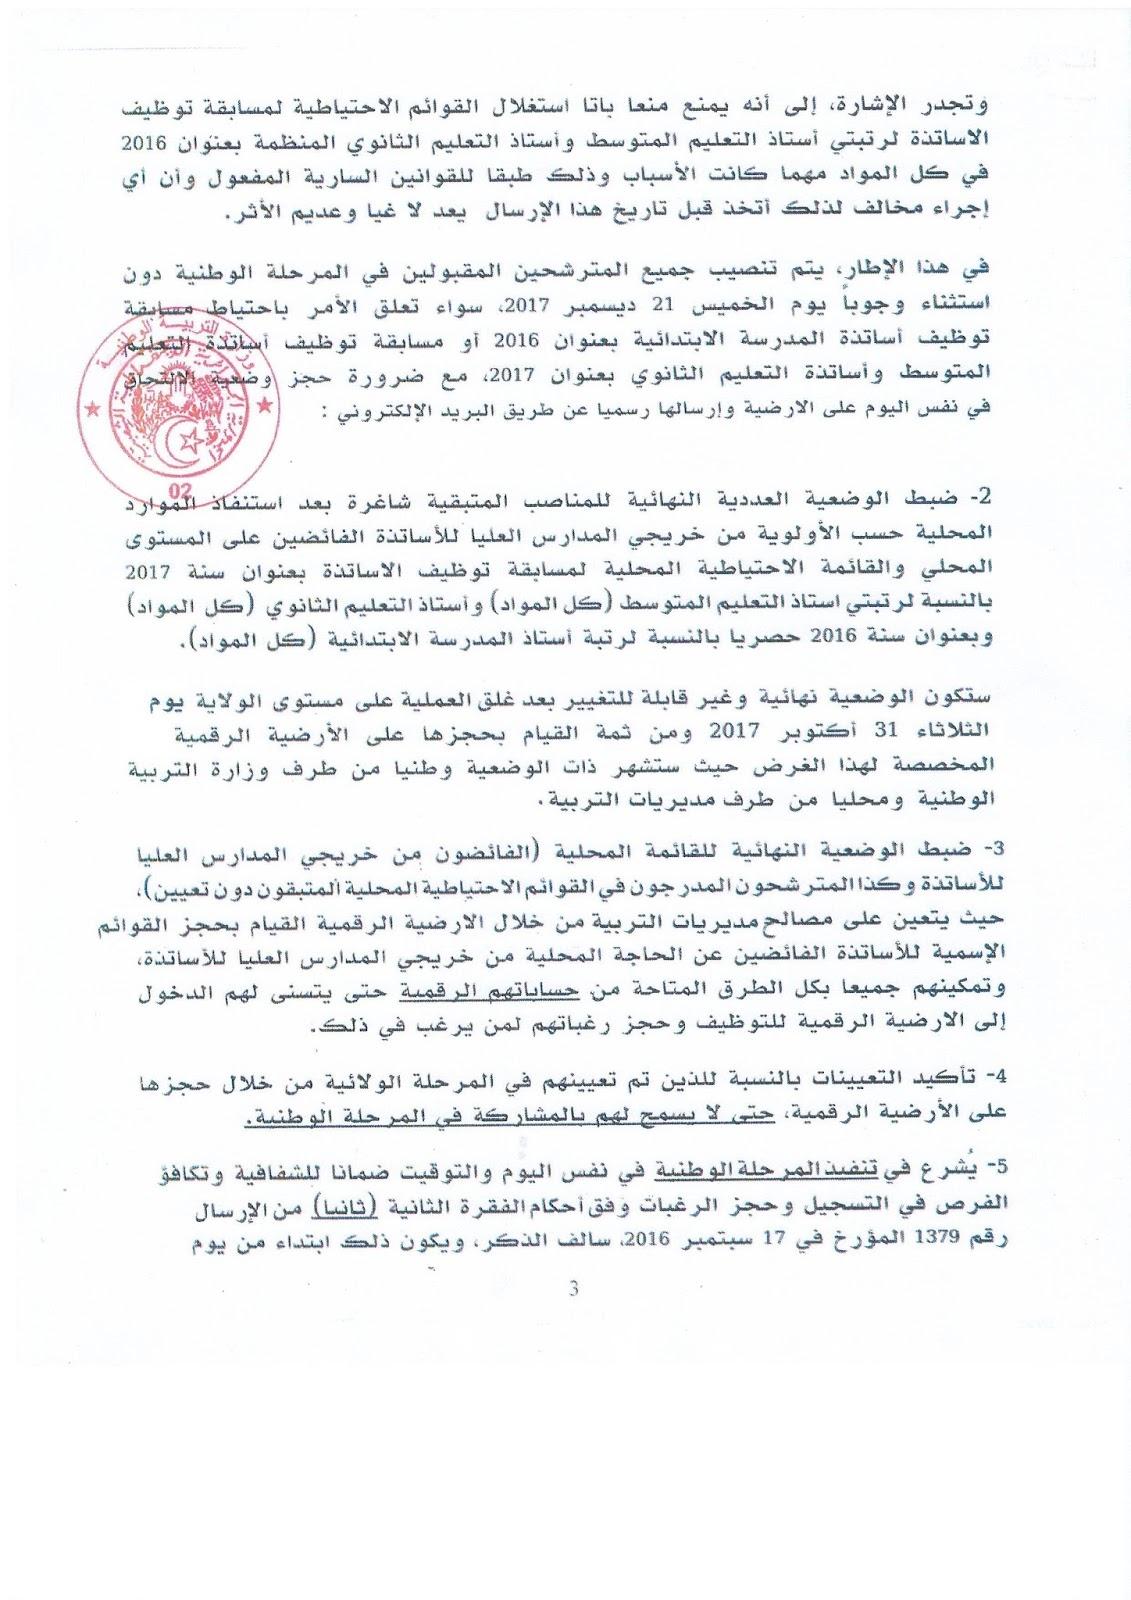 وزارة التربية تعلن عن استغلال القوائم الاحتياطية لمسابقة التوظيف